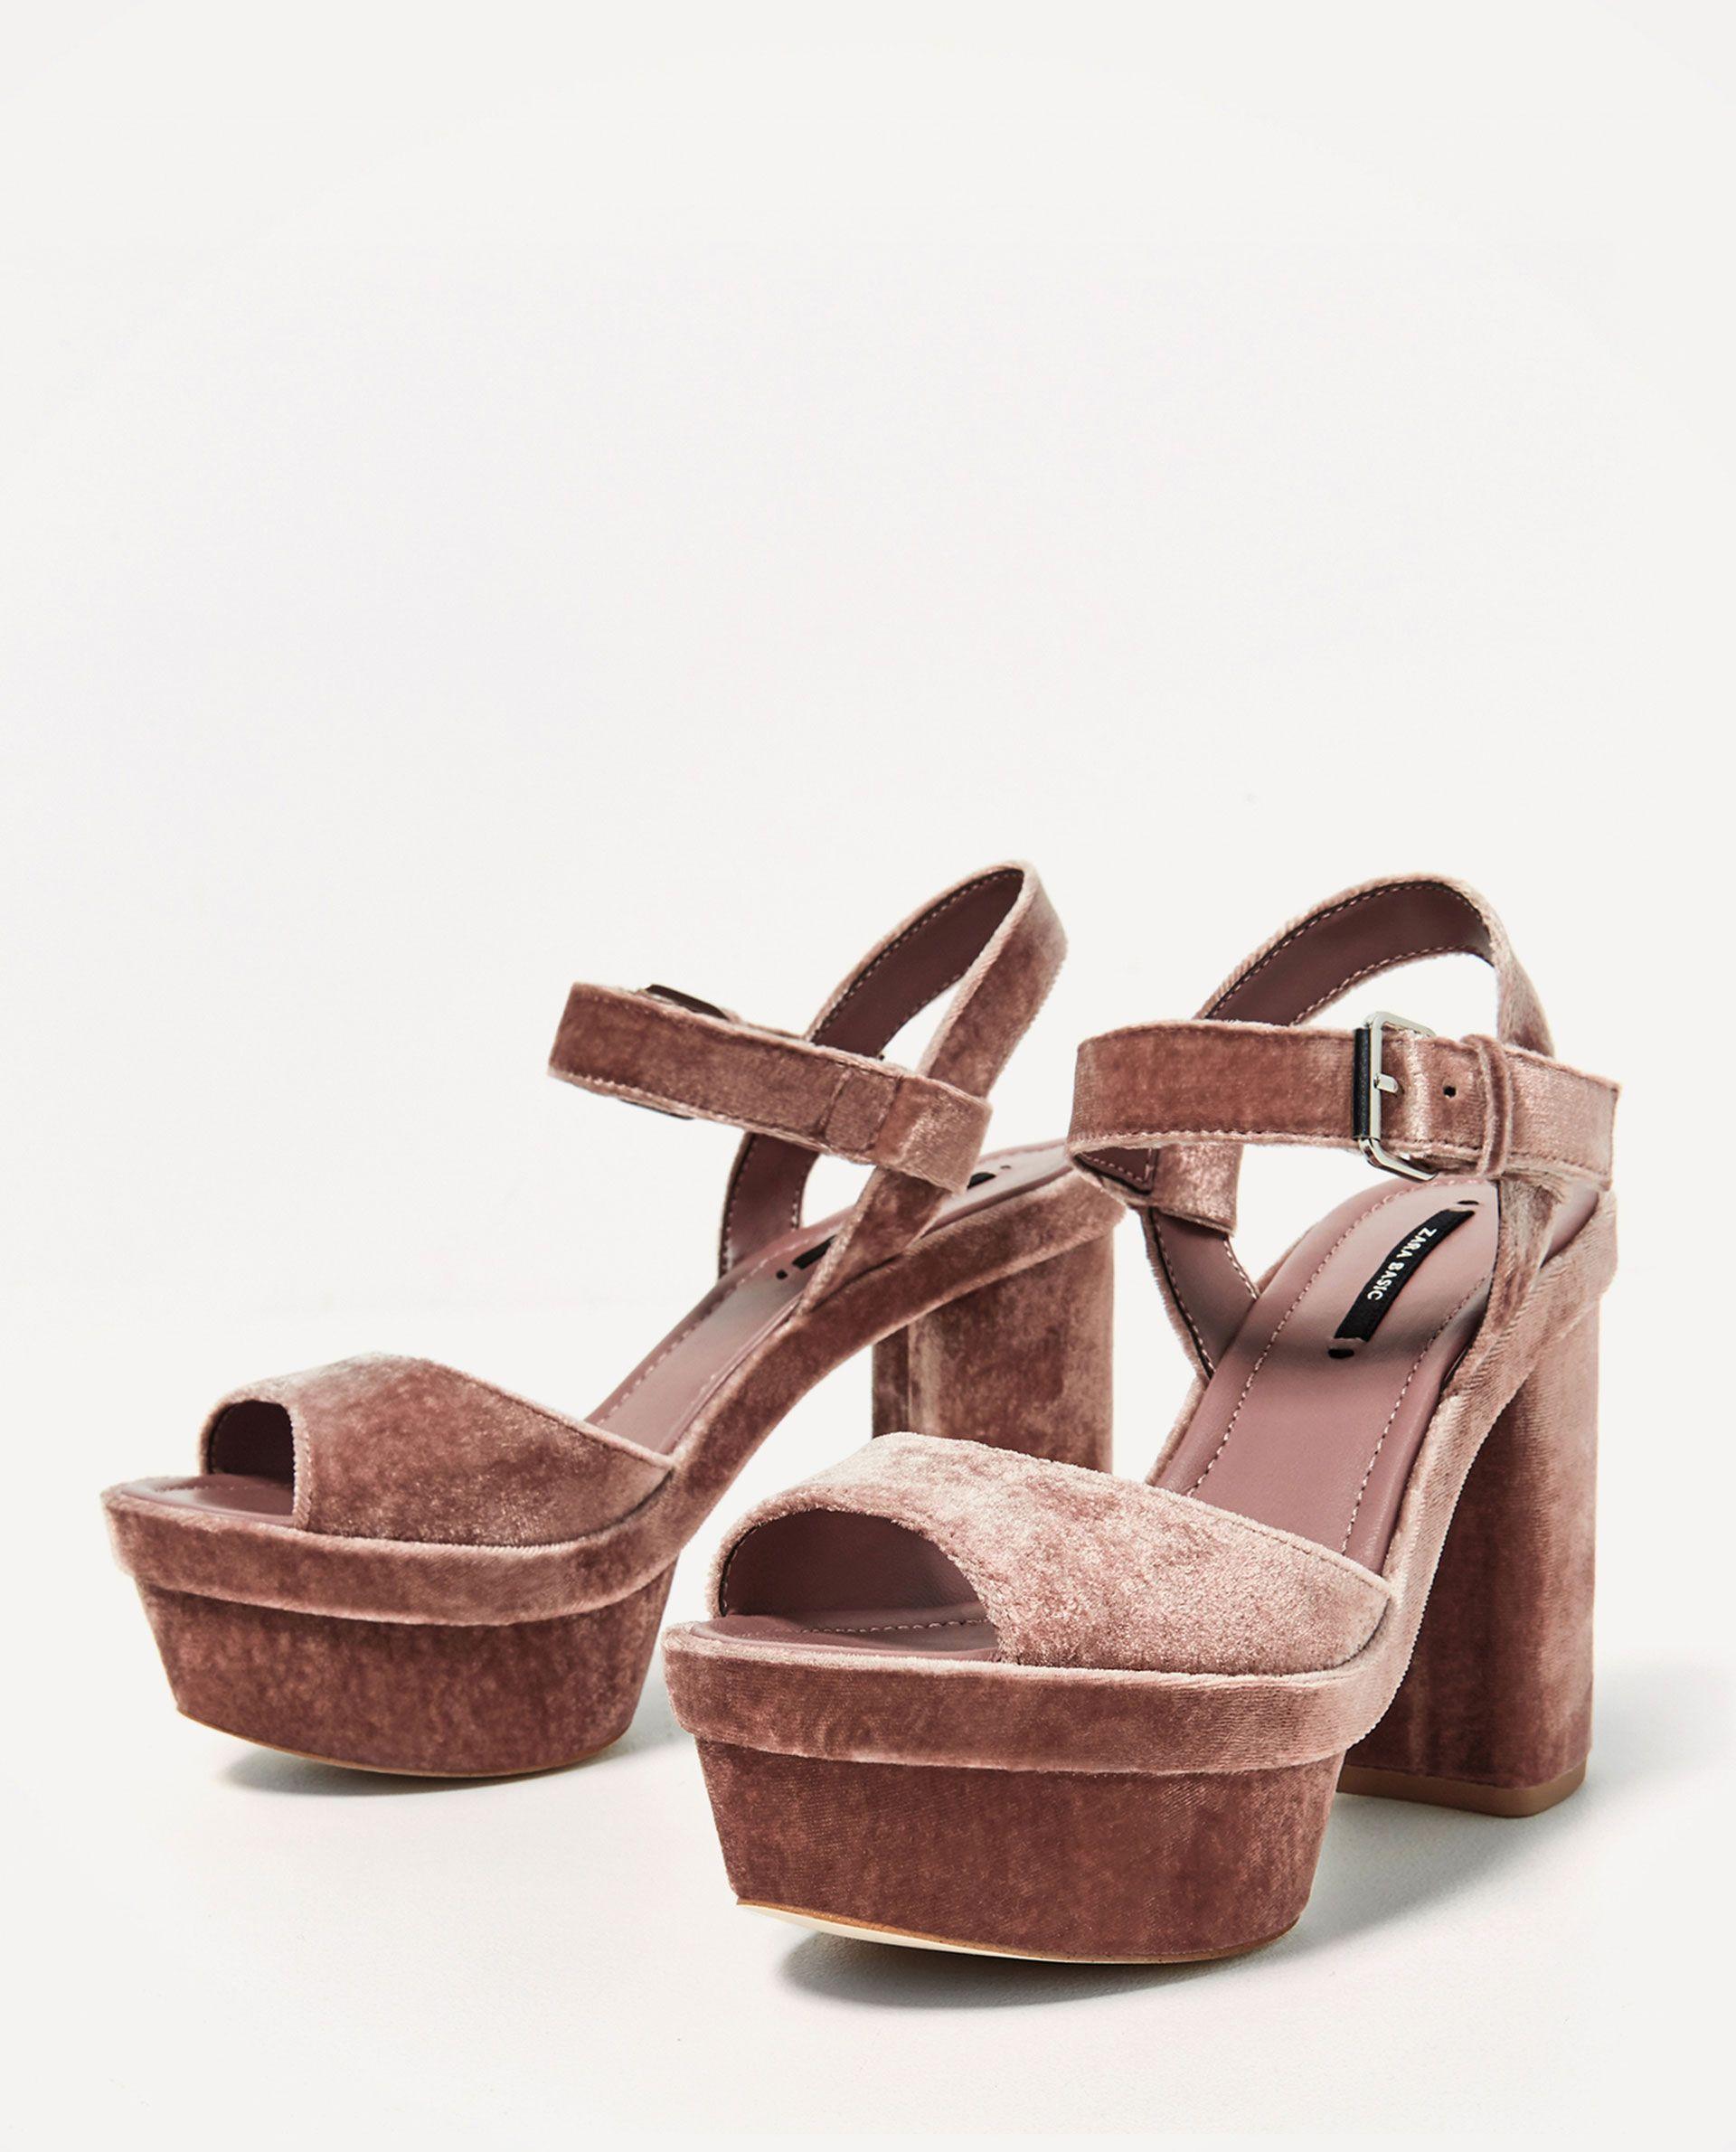 71078d51 SANDALIA PLATAFORMA TERCIOPELO de Zara   plstaformas y zapatos bjos ...